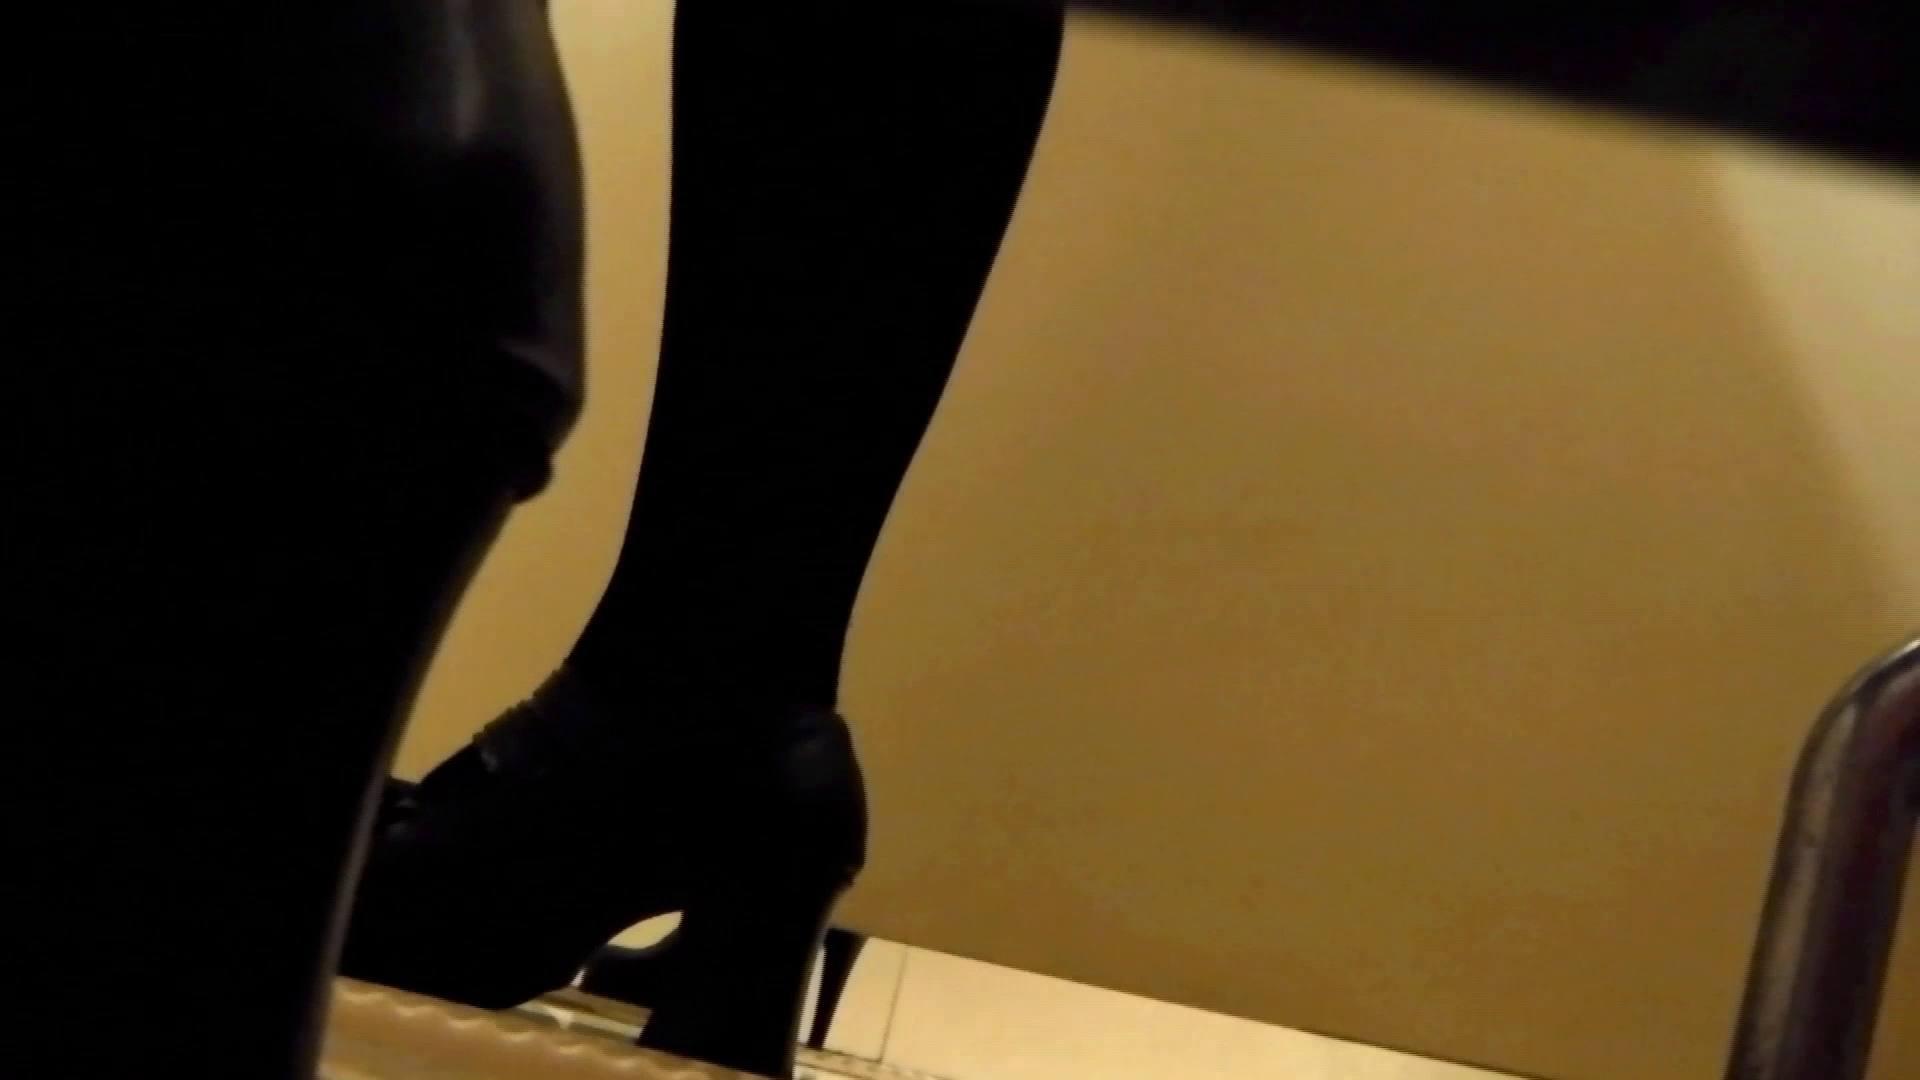 新世界の射窓 No78 トリンドル 玲奈似登場シリーズ美女率最高作! お姉さんのSEX   ギャル達  112枚 1